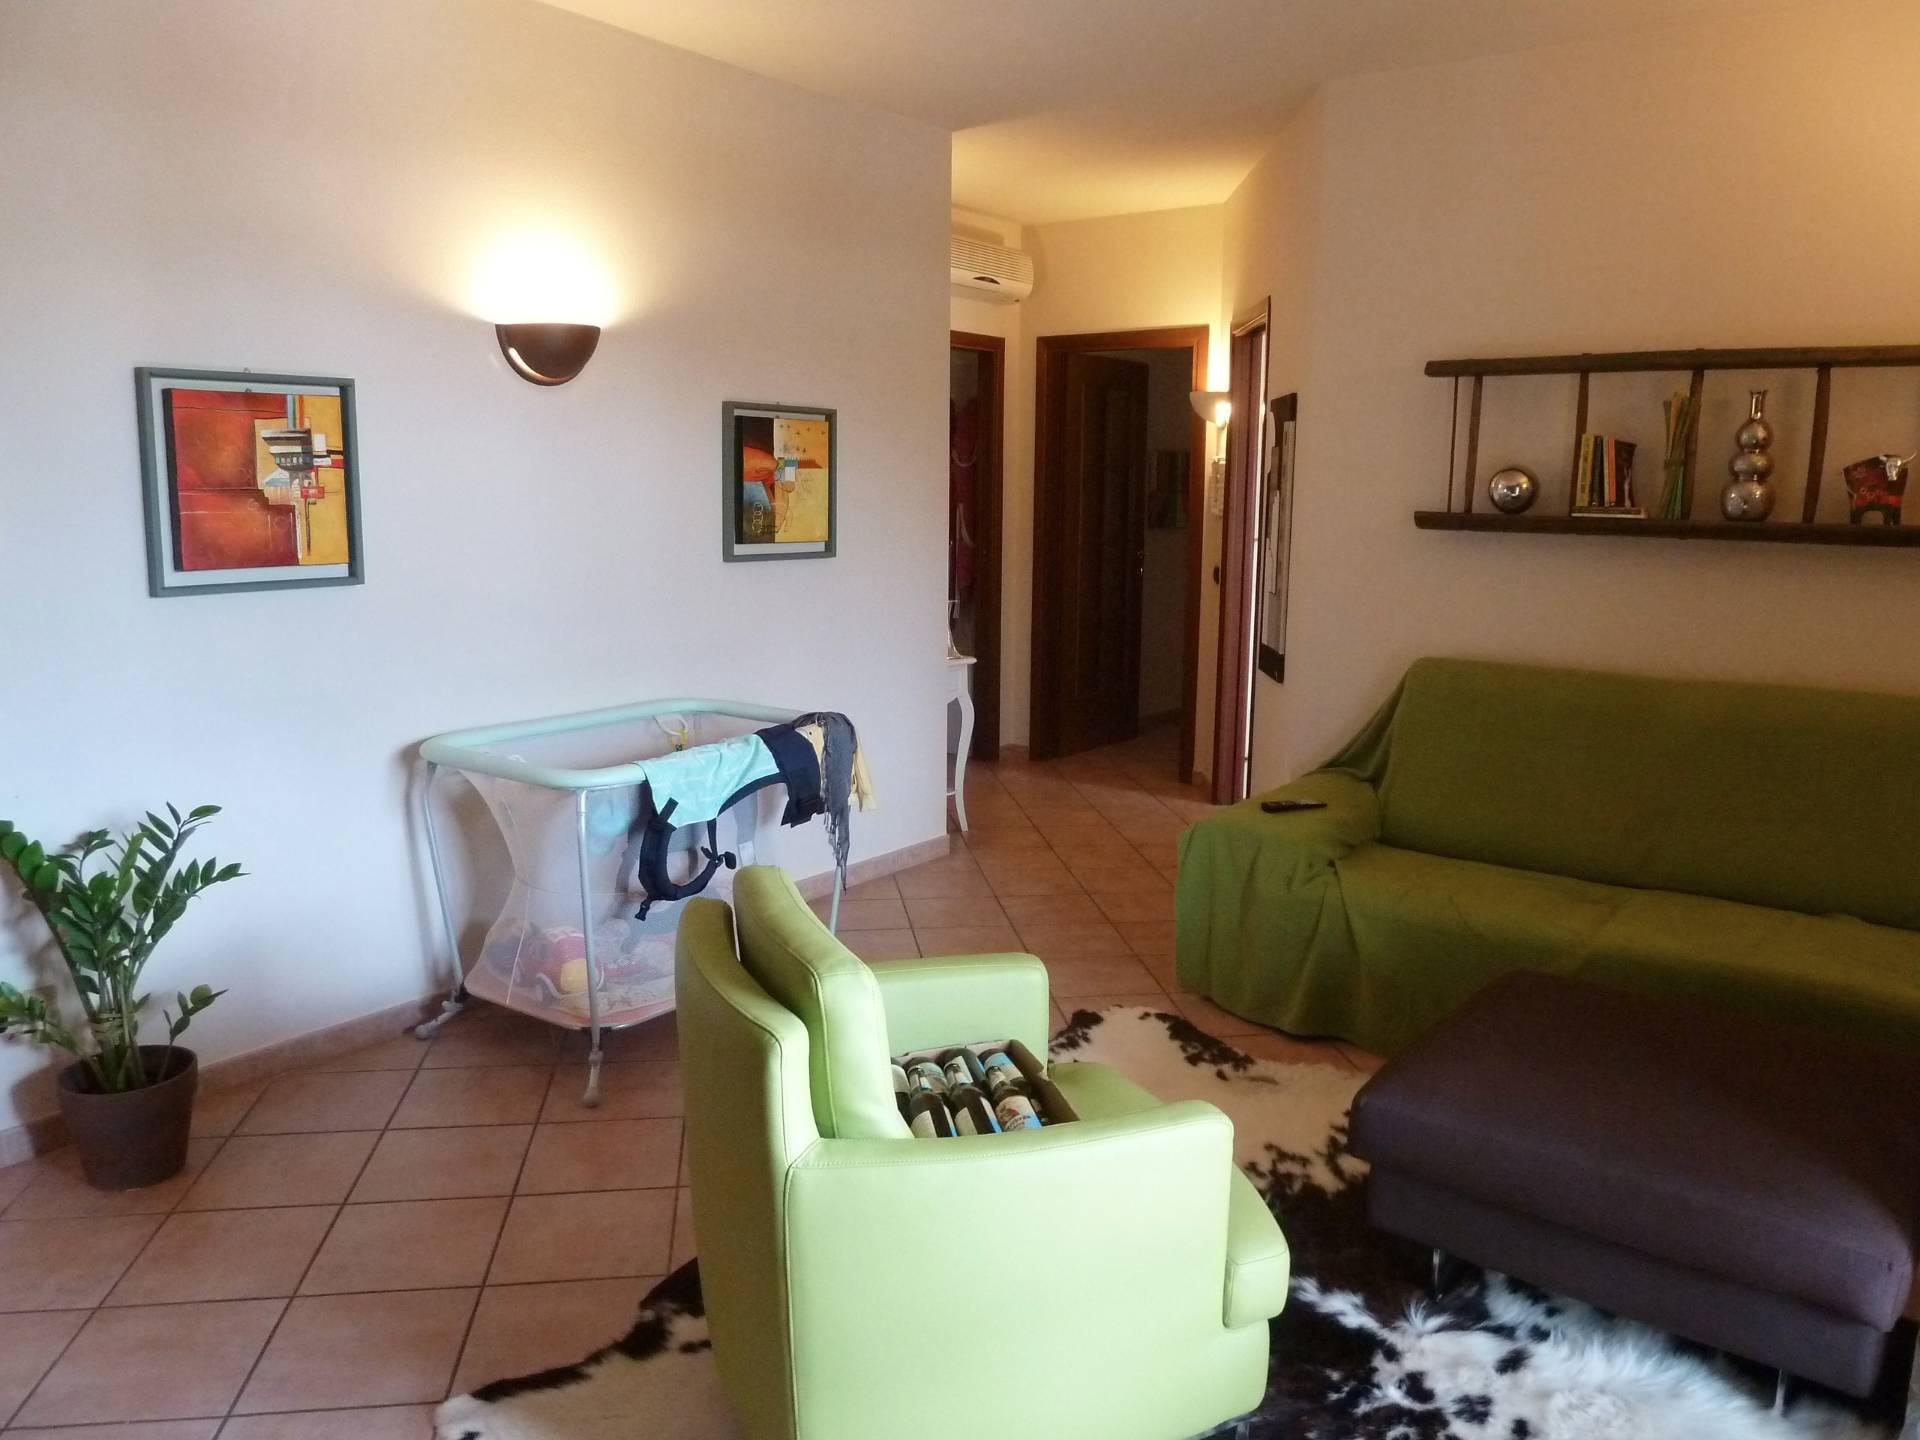 Appartamento in vendita a Sant'Ilario d'Enza, 4 locali, prezzo € 155.000 | CambioCasa.it